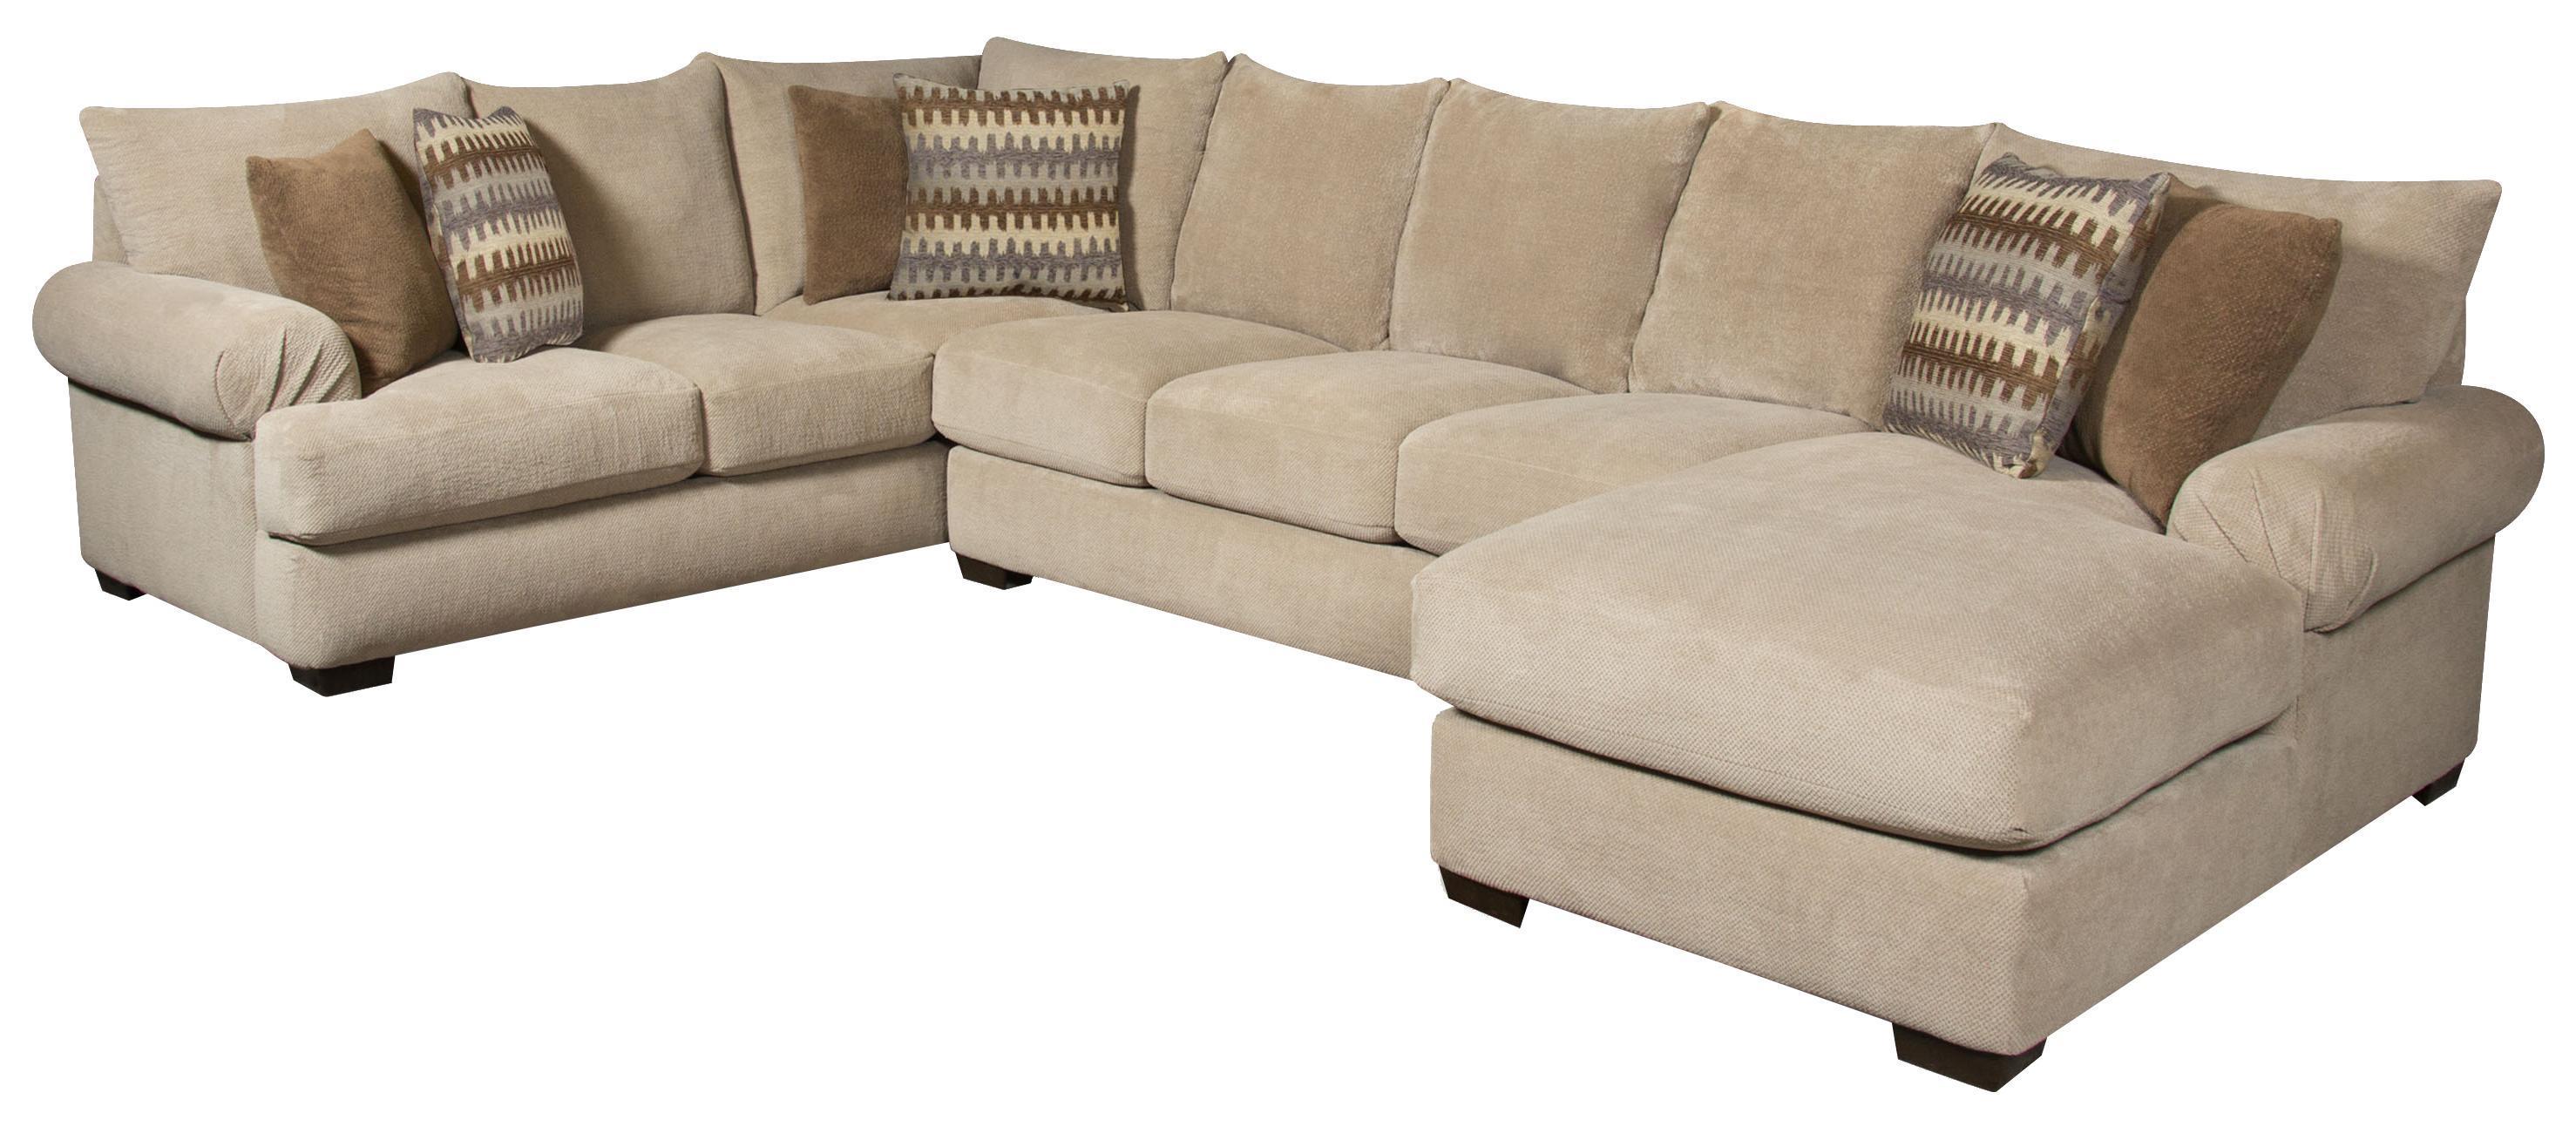 Corinthian 61A0  Bacarat Taupe 3 Piece Sofa Sectional - Item Number: CORI-GRP-61X-SECTIONAL